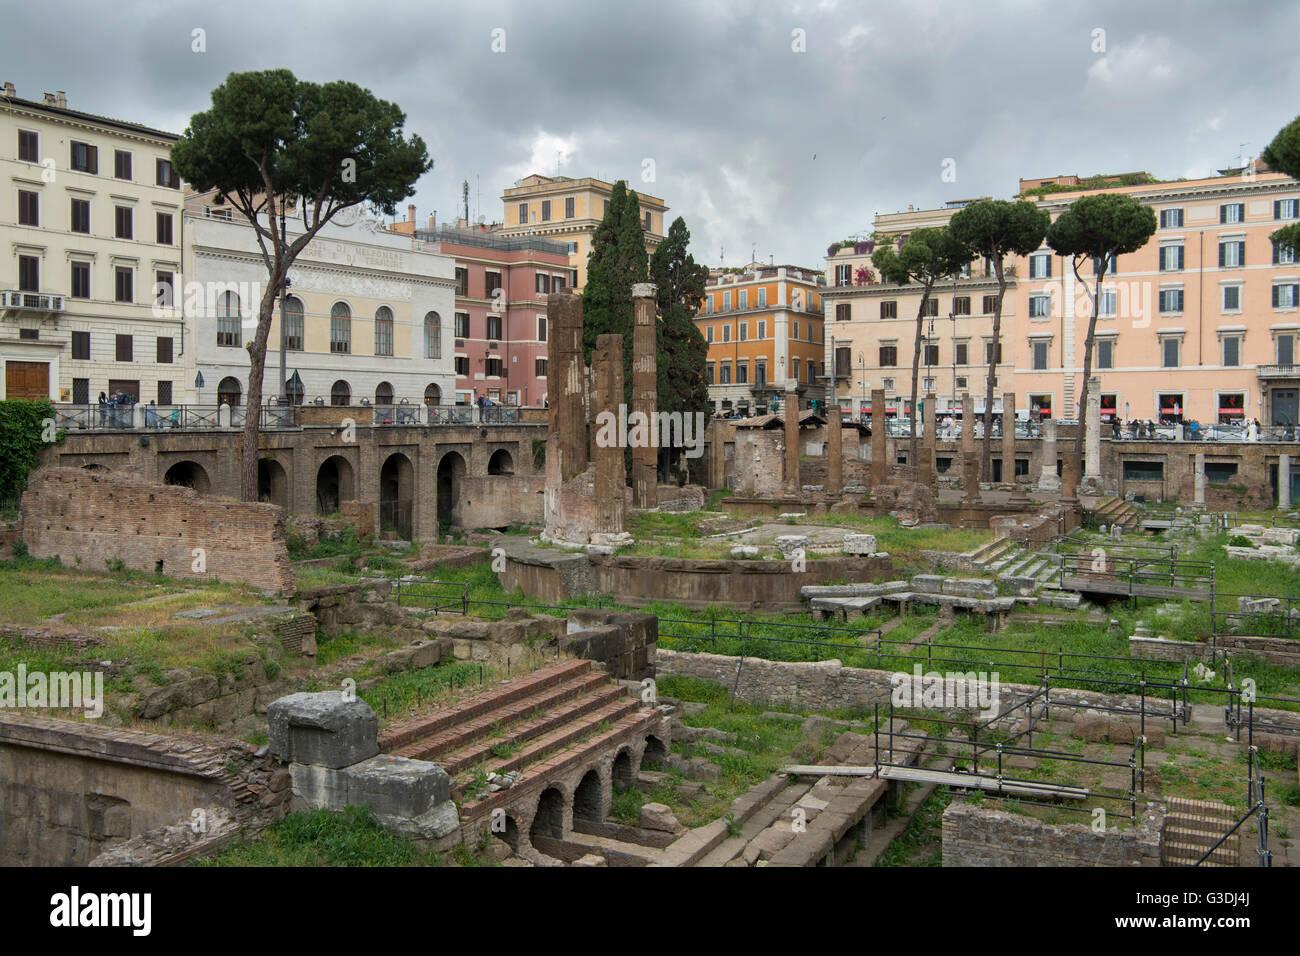 Italien, Rom, Largo di Torre Argentina, Tempelruinen des Tempel C und B - Stock Image